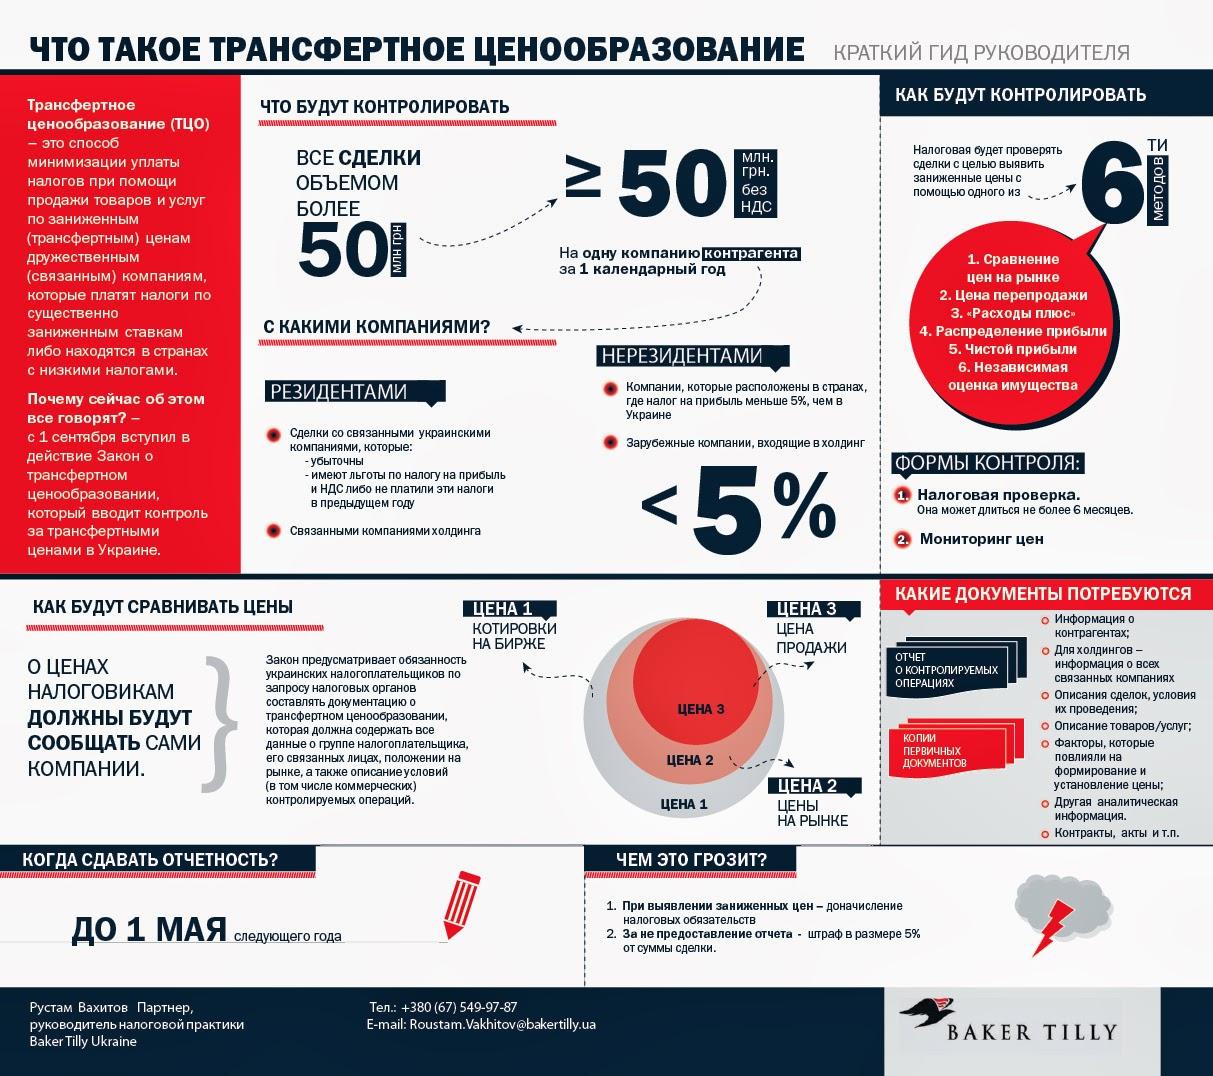 Что такое трансфертное ценообразование в украине